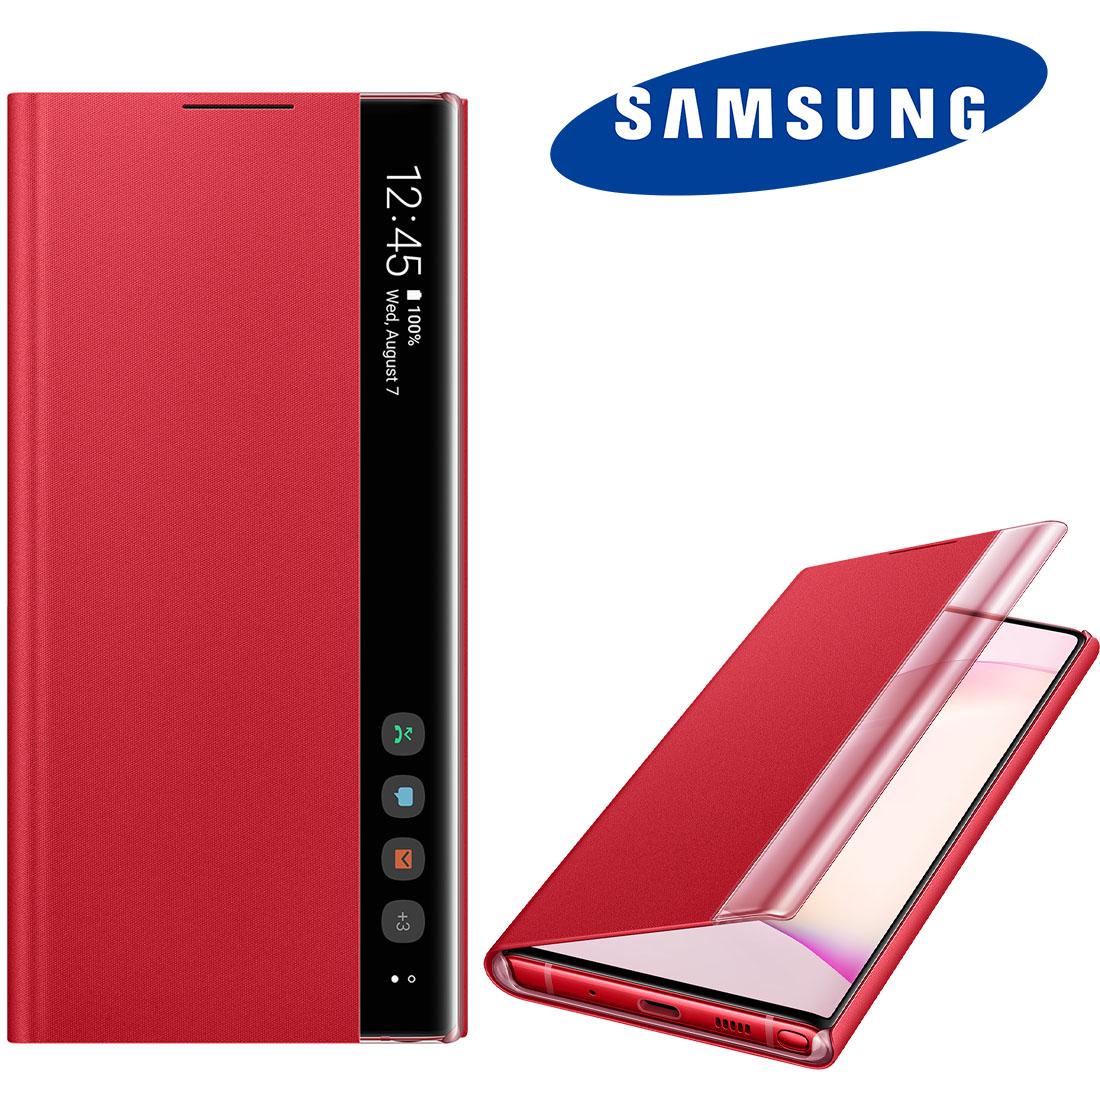 Capa Original Samsung Clear View Galaxy Note 10 6.3 pol SM-N970